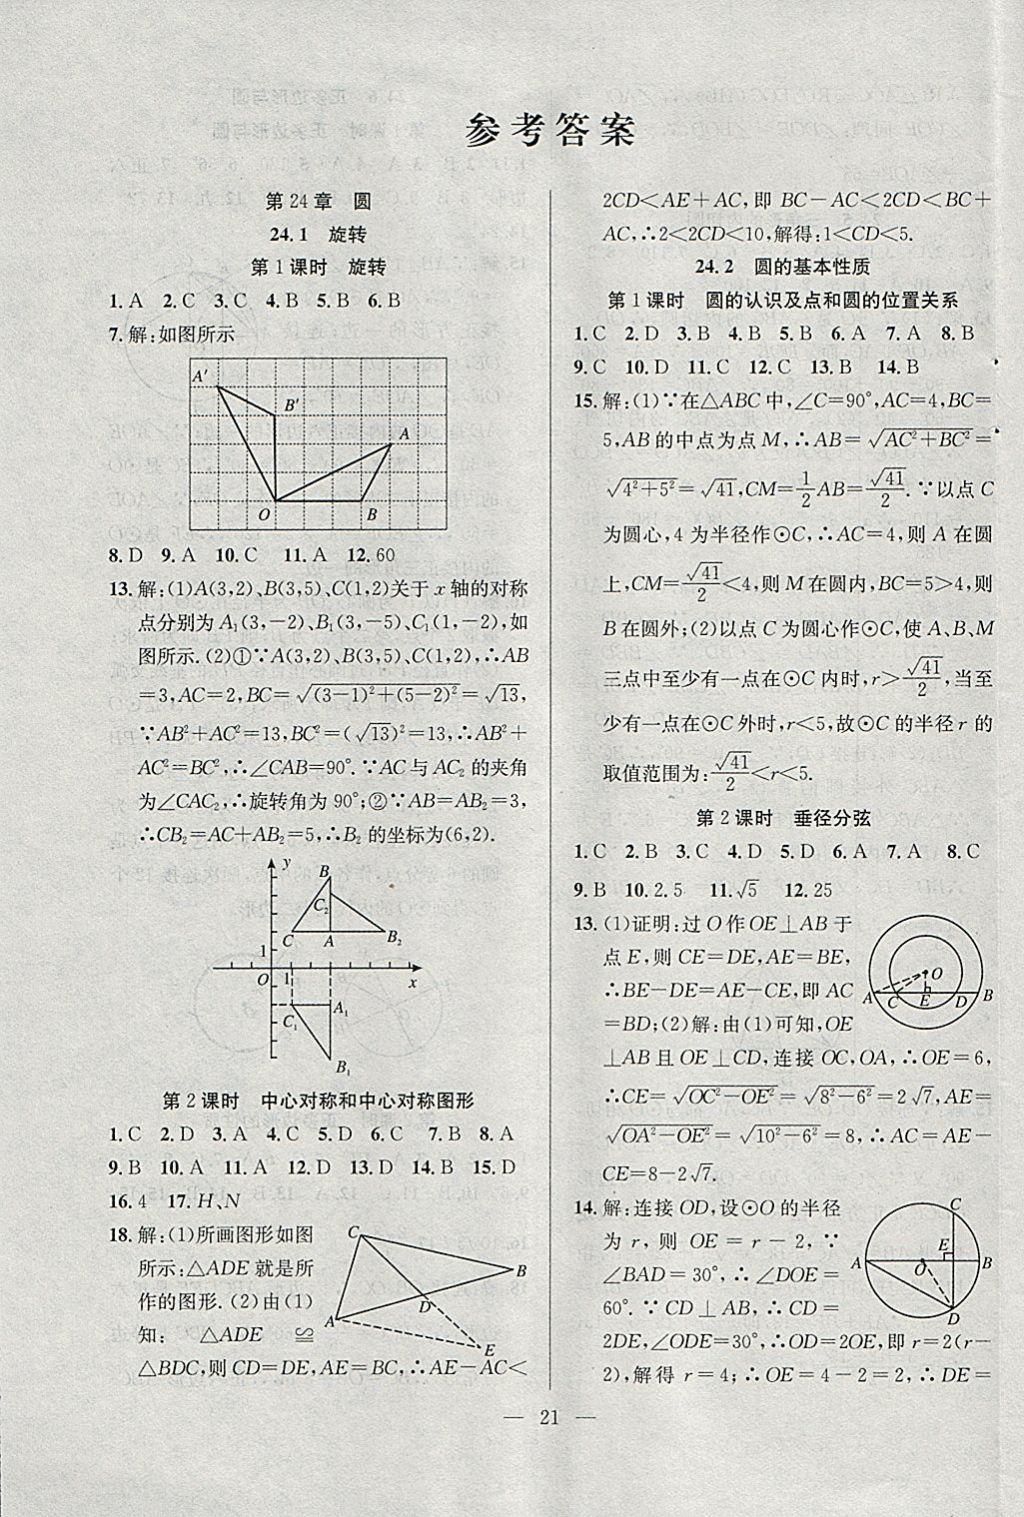 2018年全频道同步课时作业九年级数学下册沪科版参考答案第1页